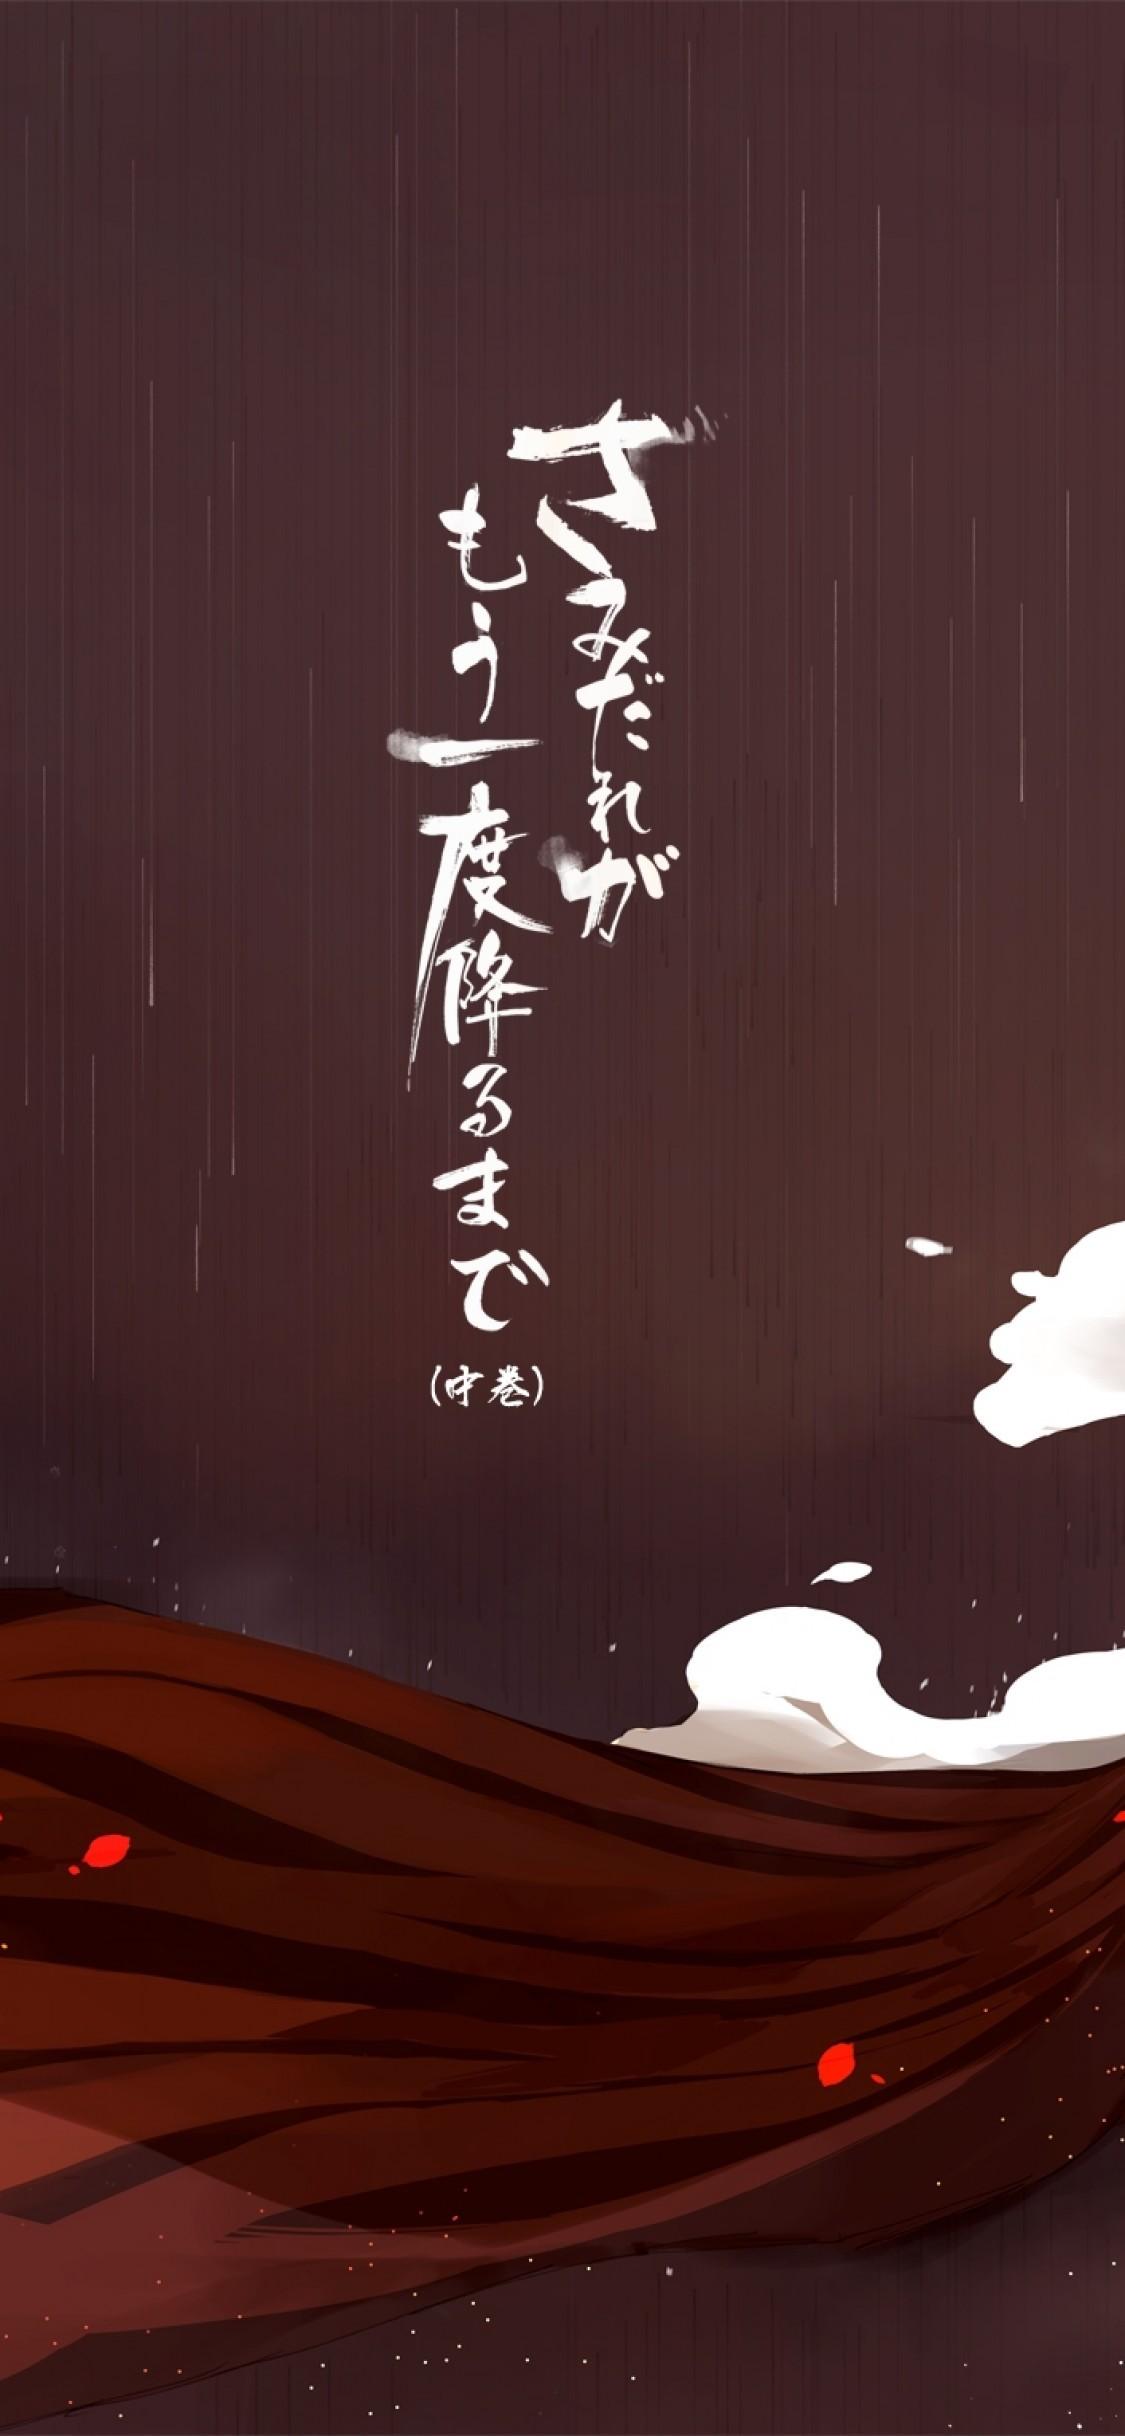 Uzumaki Naruto, Uchiha Sasuke, Hokage, Mask, Sword, - Naruto - HD Wallpaper